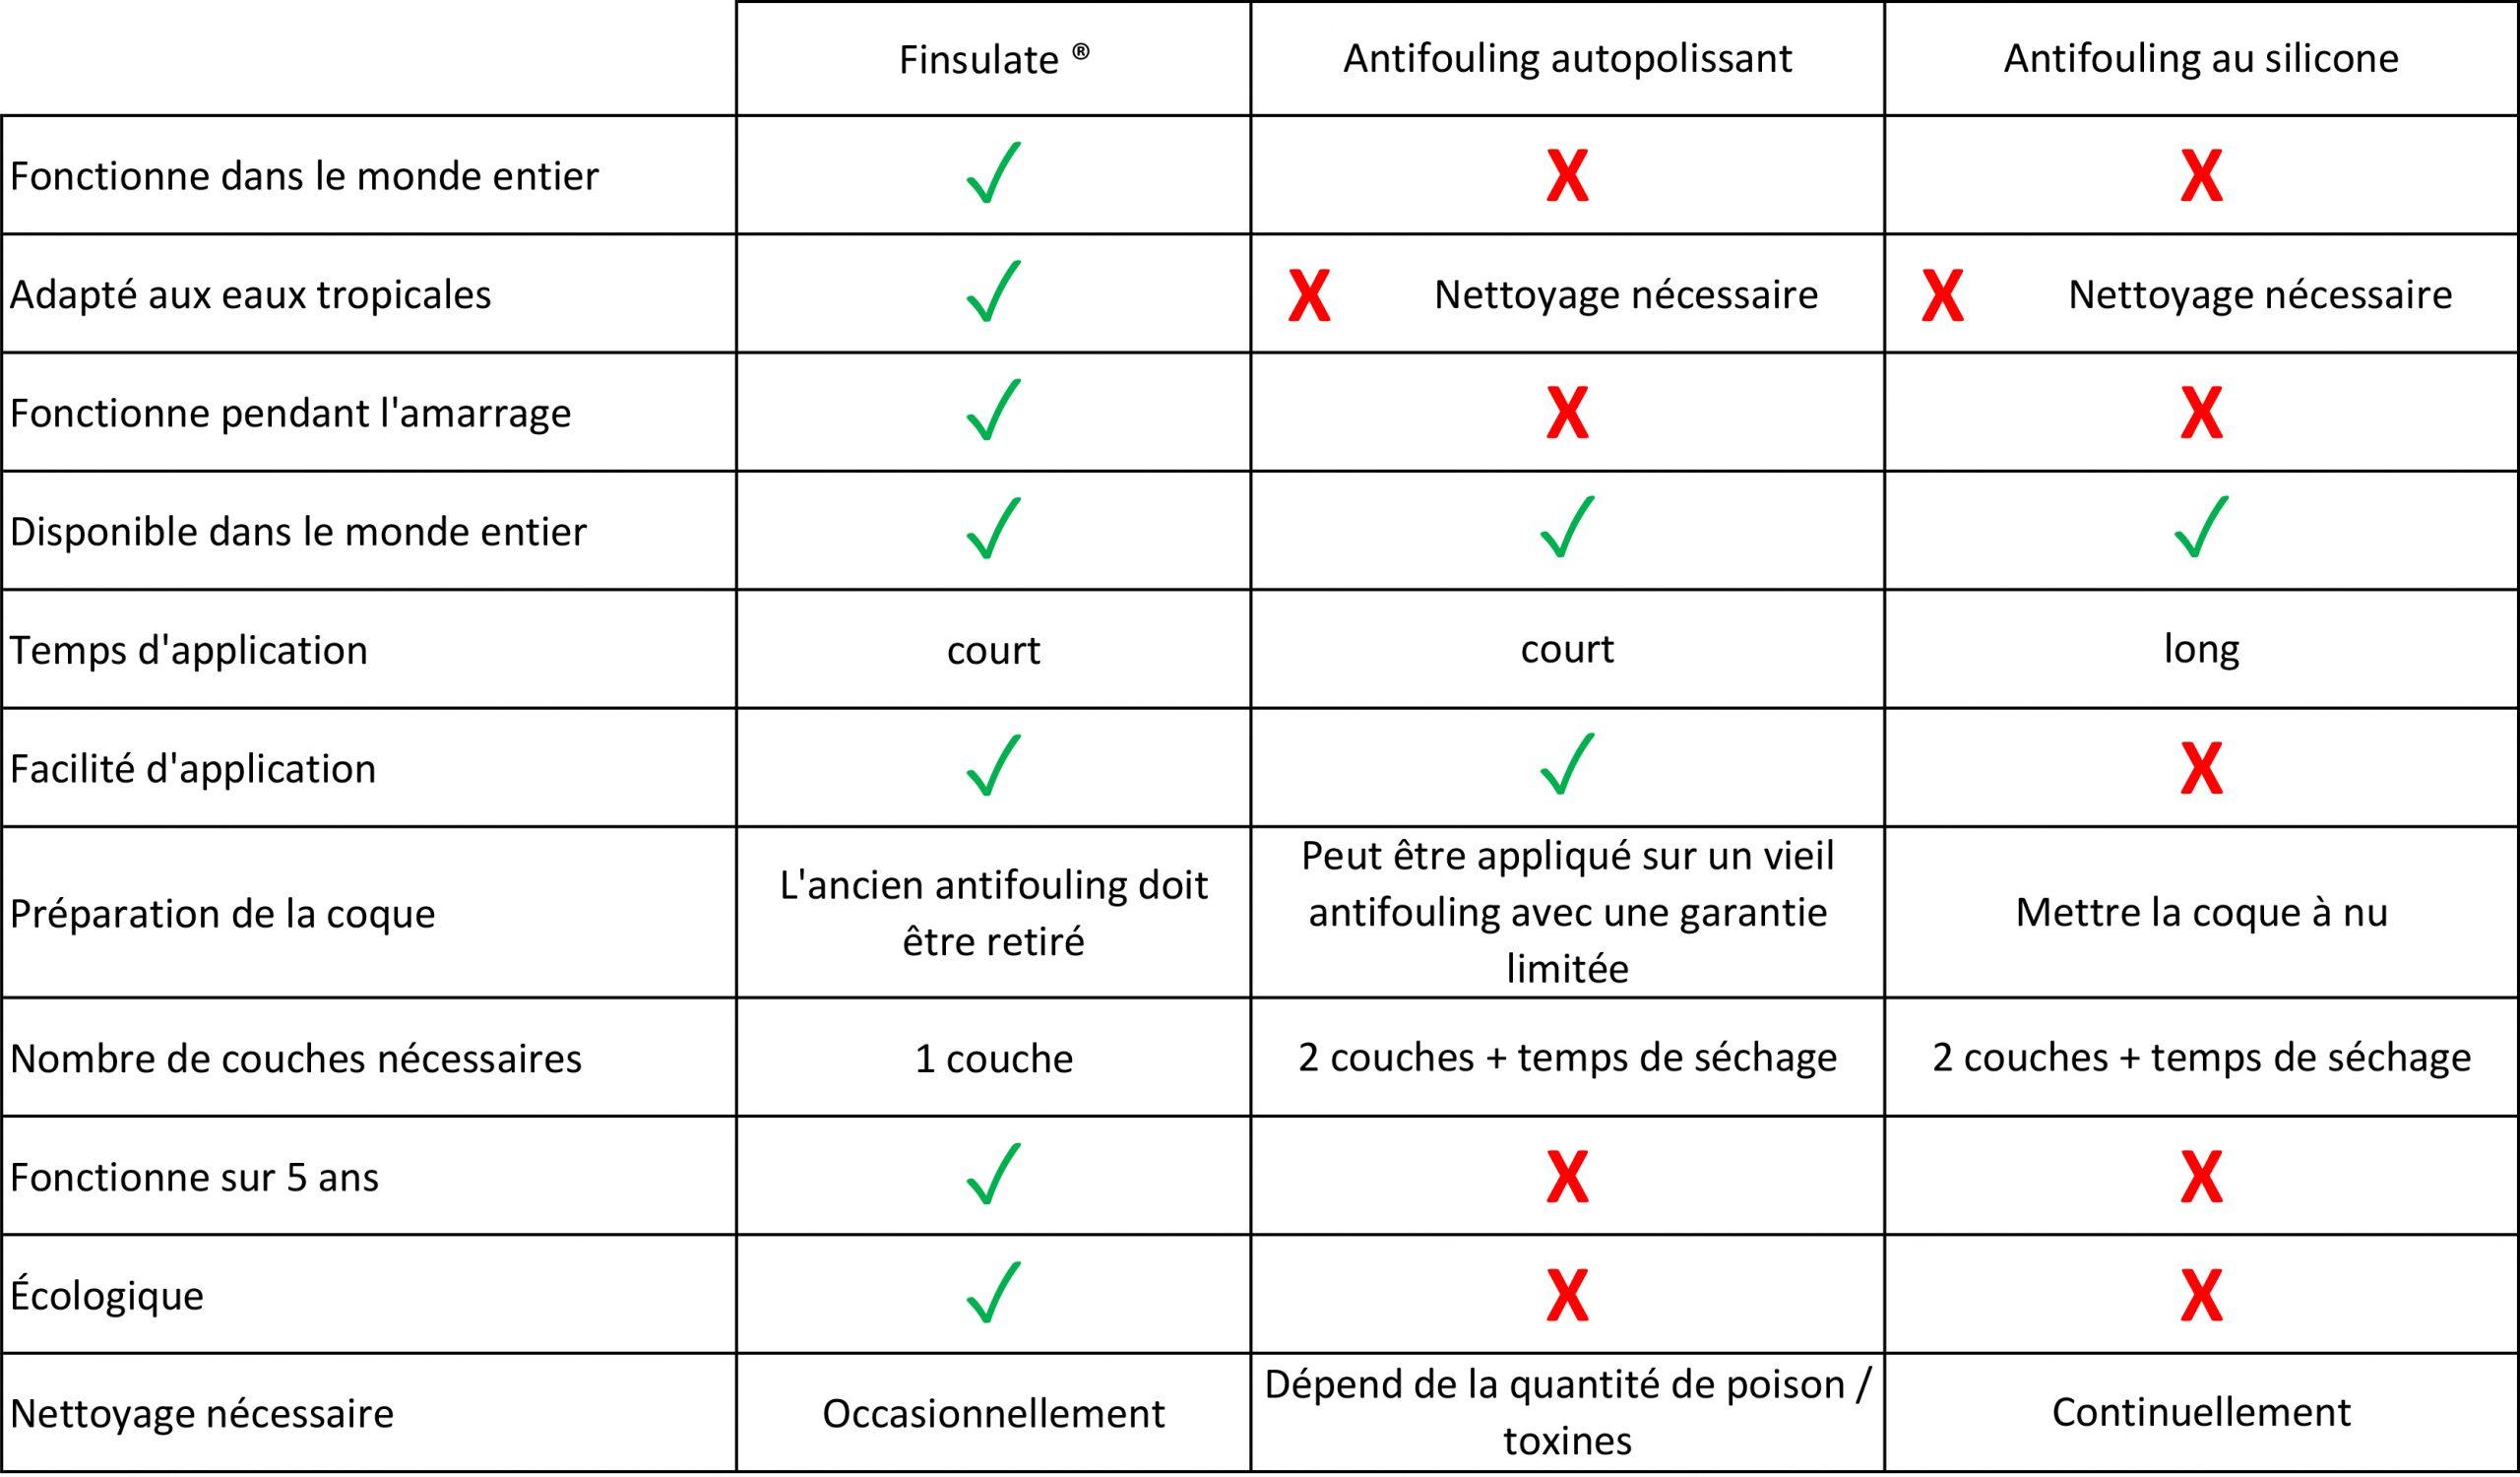 avantage-finsulate-antifouling-ecologique-environnement-verneco-vannes-bretagne